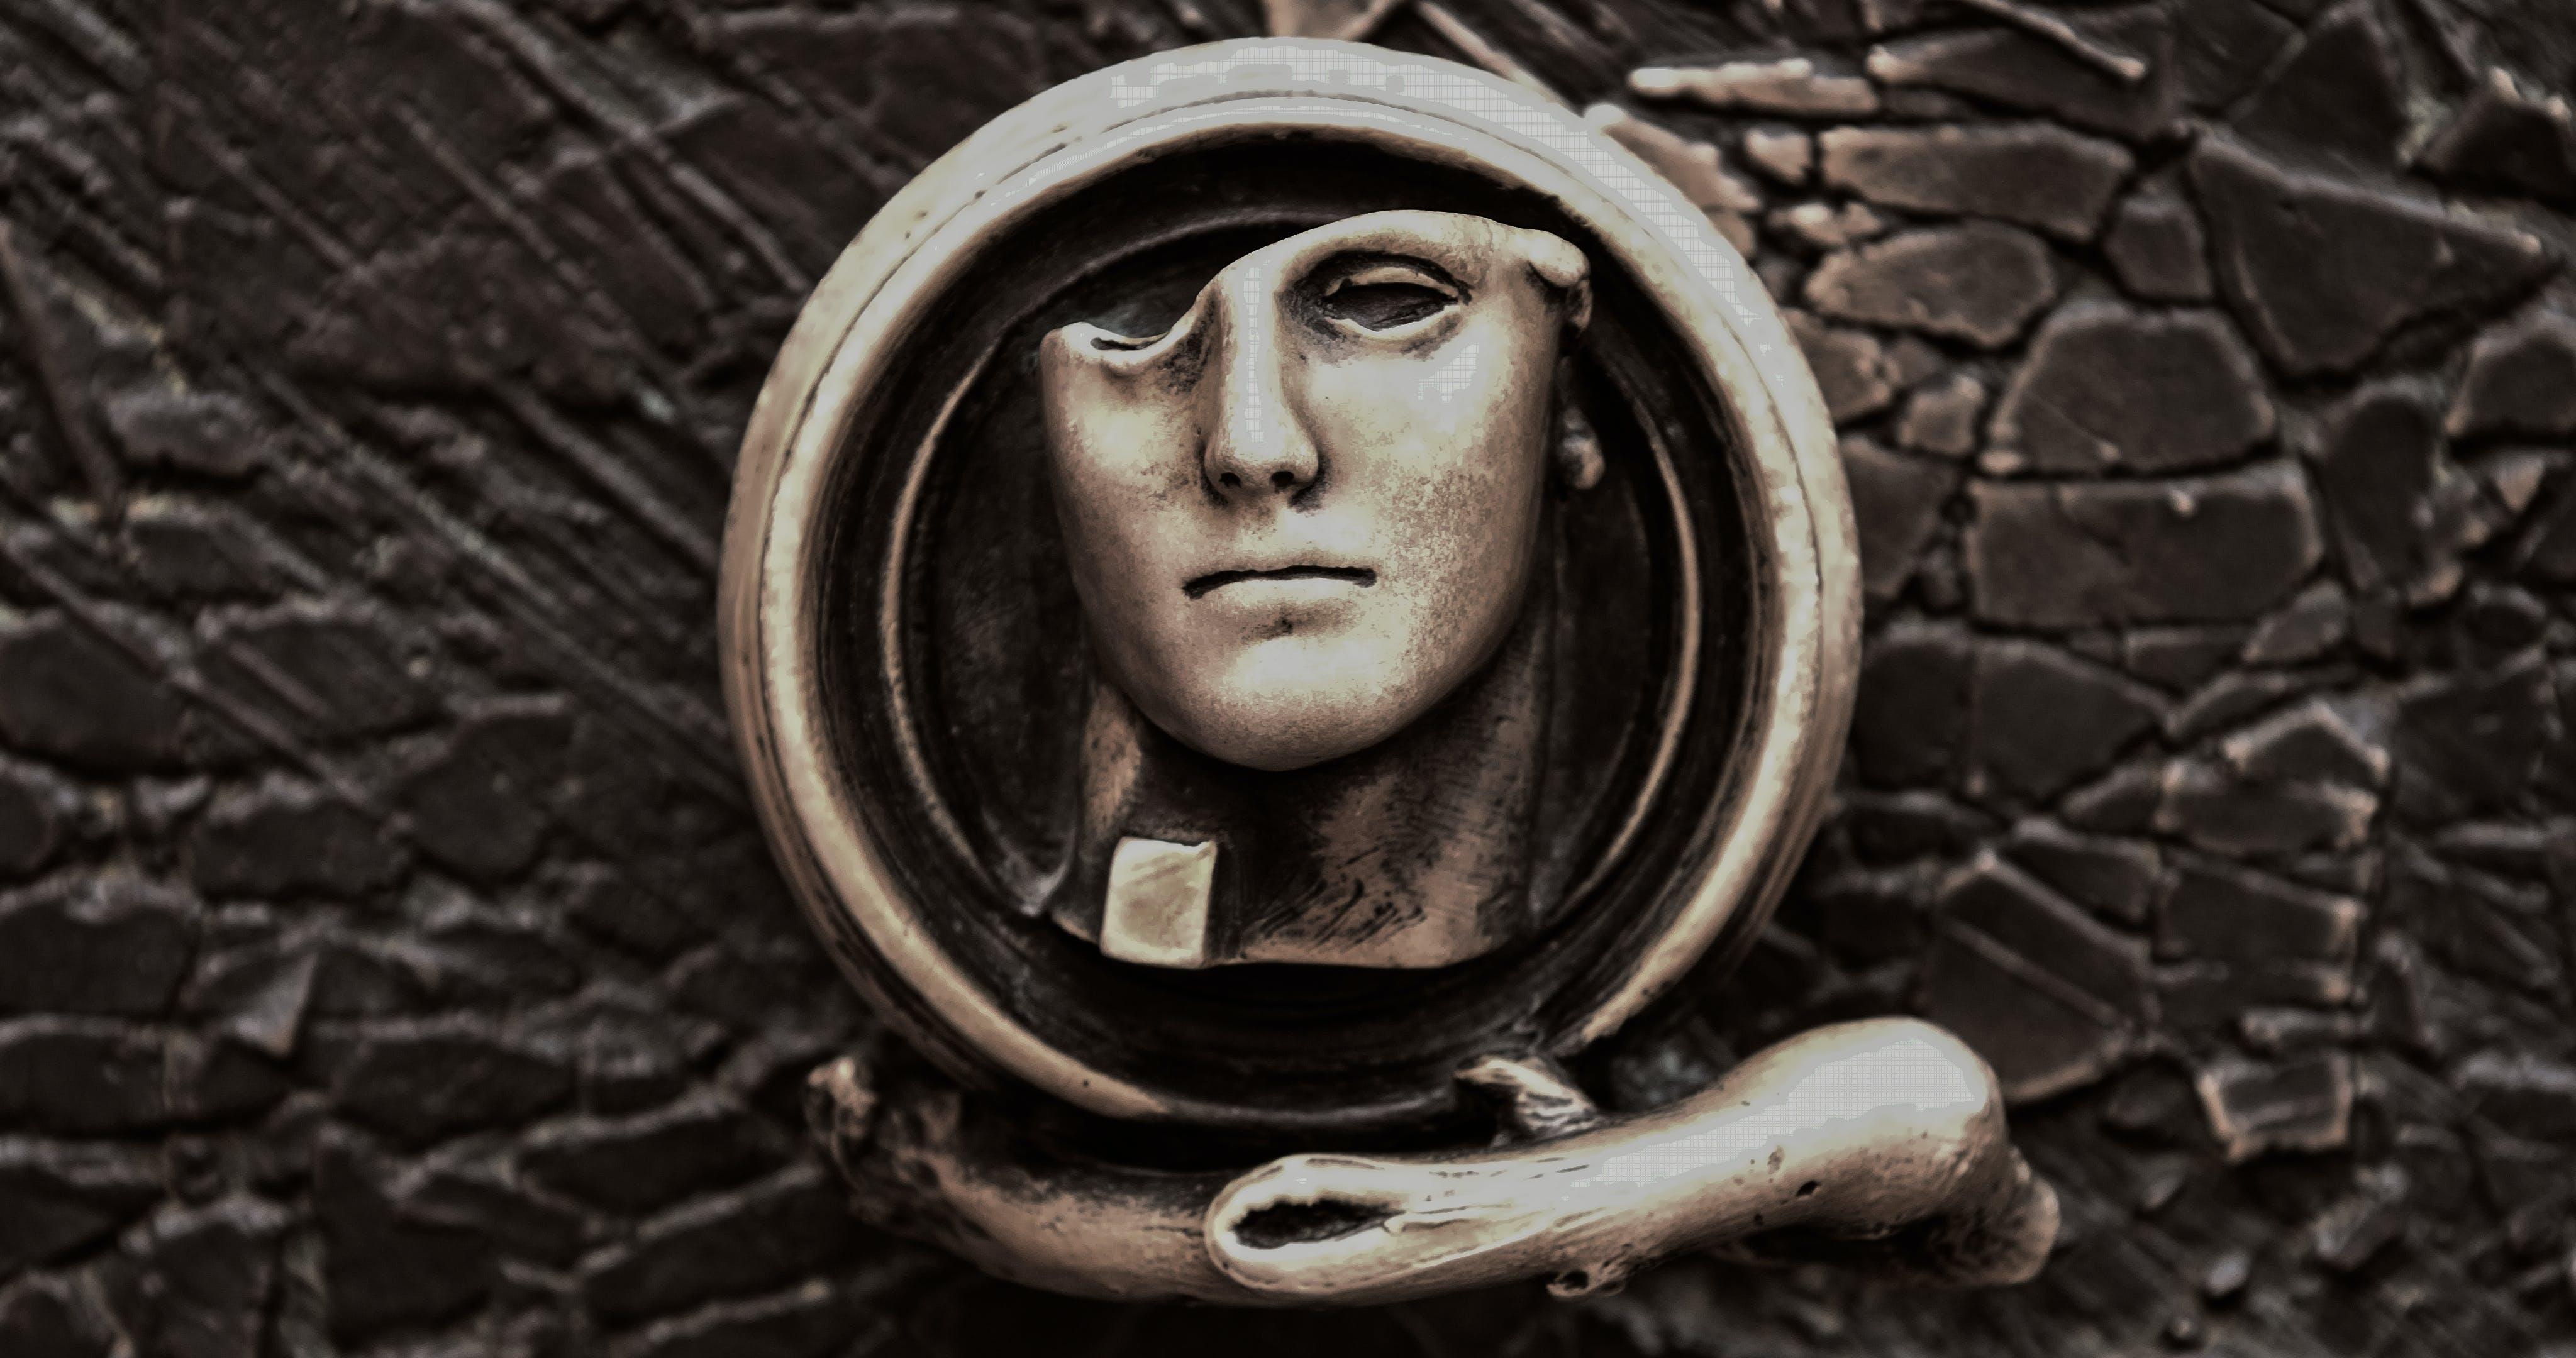 Free stock photo of sculpture, door knob